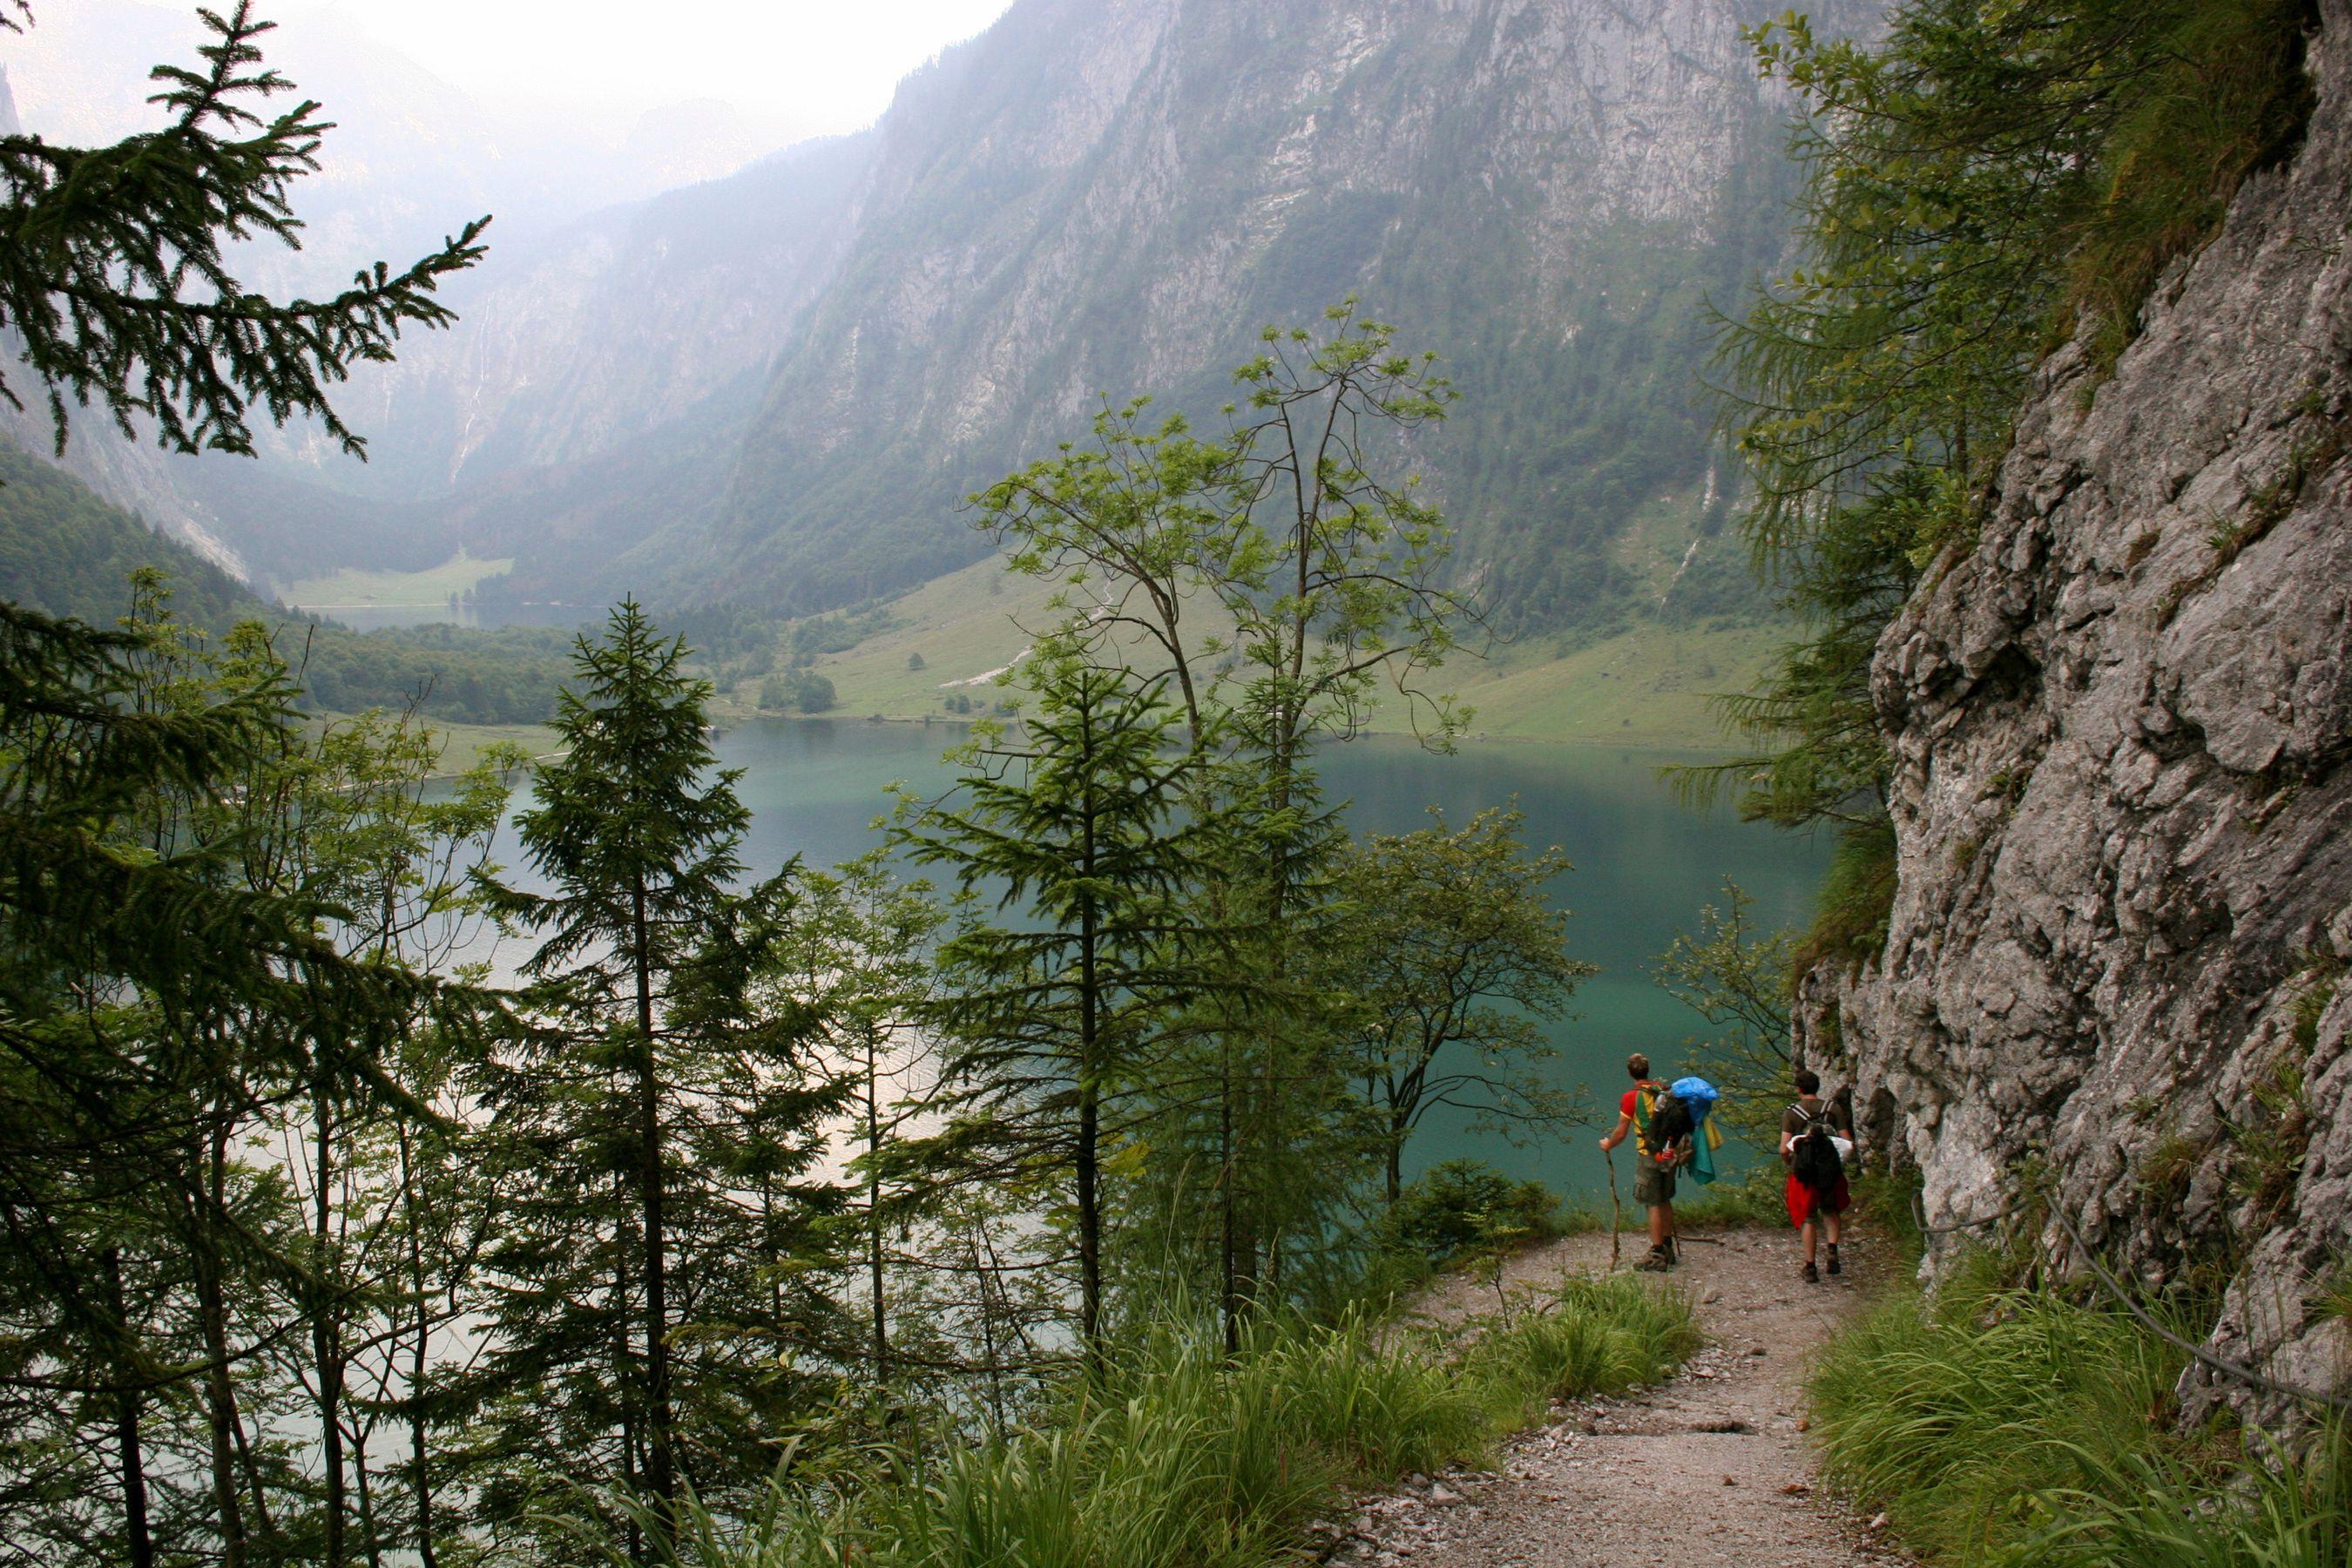 瑞士公路旅行乘汽车在瑞士Obersee湖